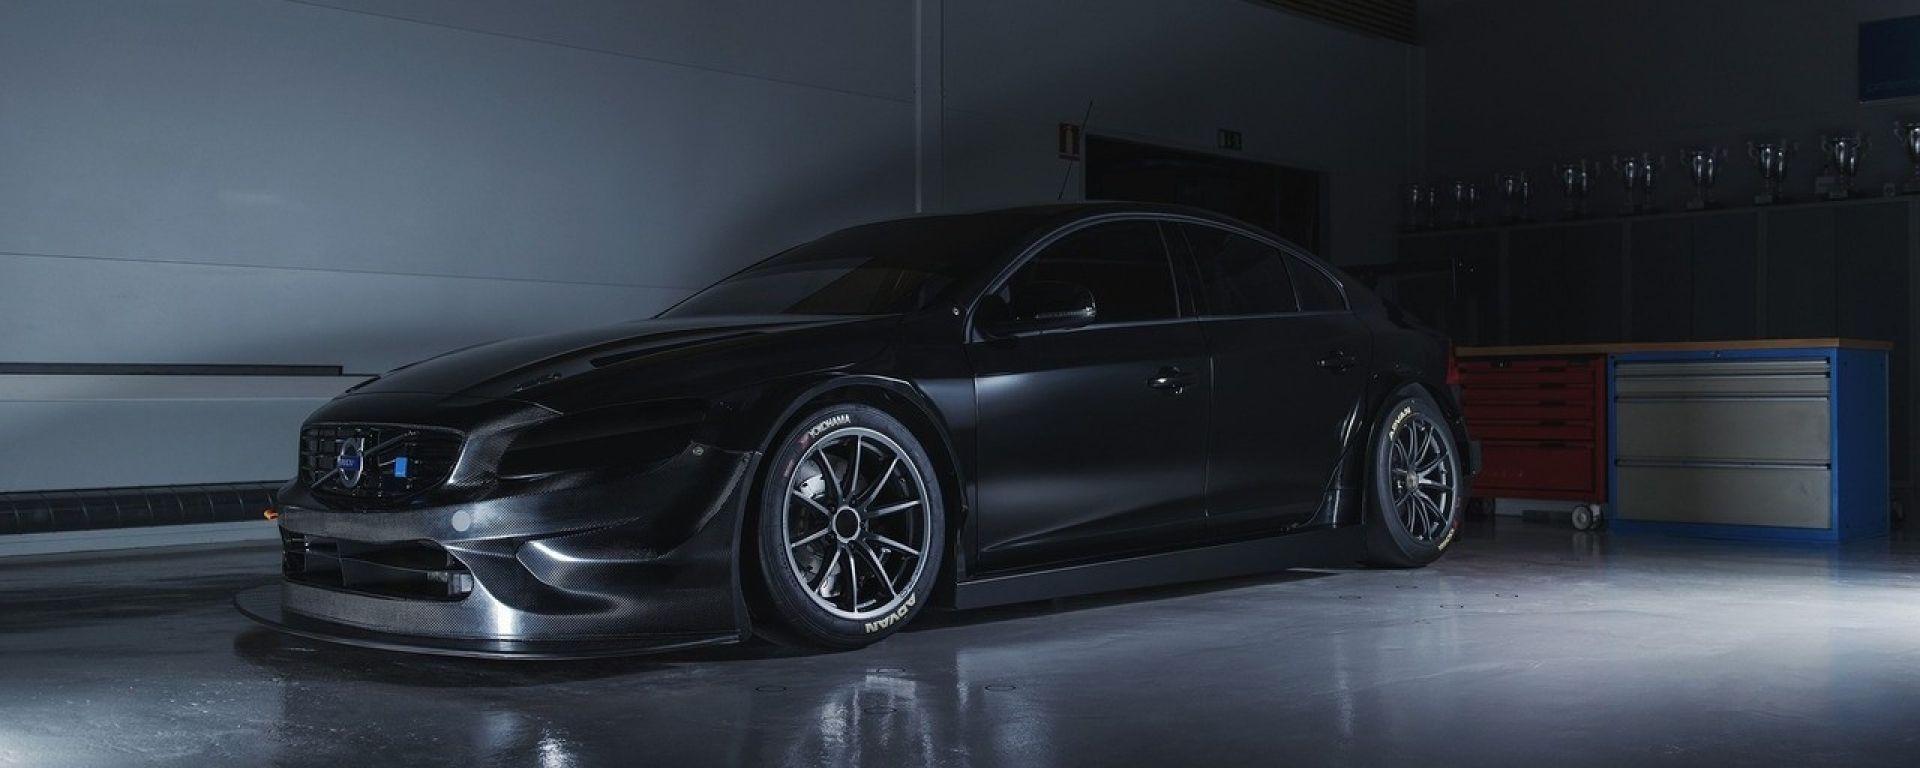 Volvo: Polestar studia la coupé da 600 CV